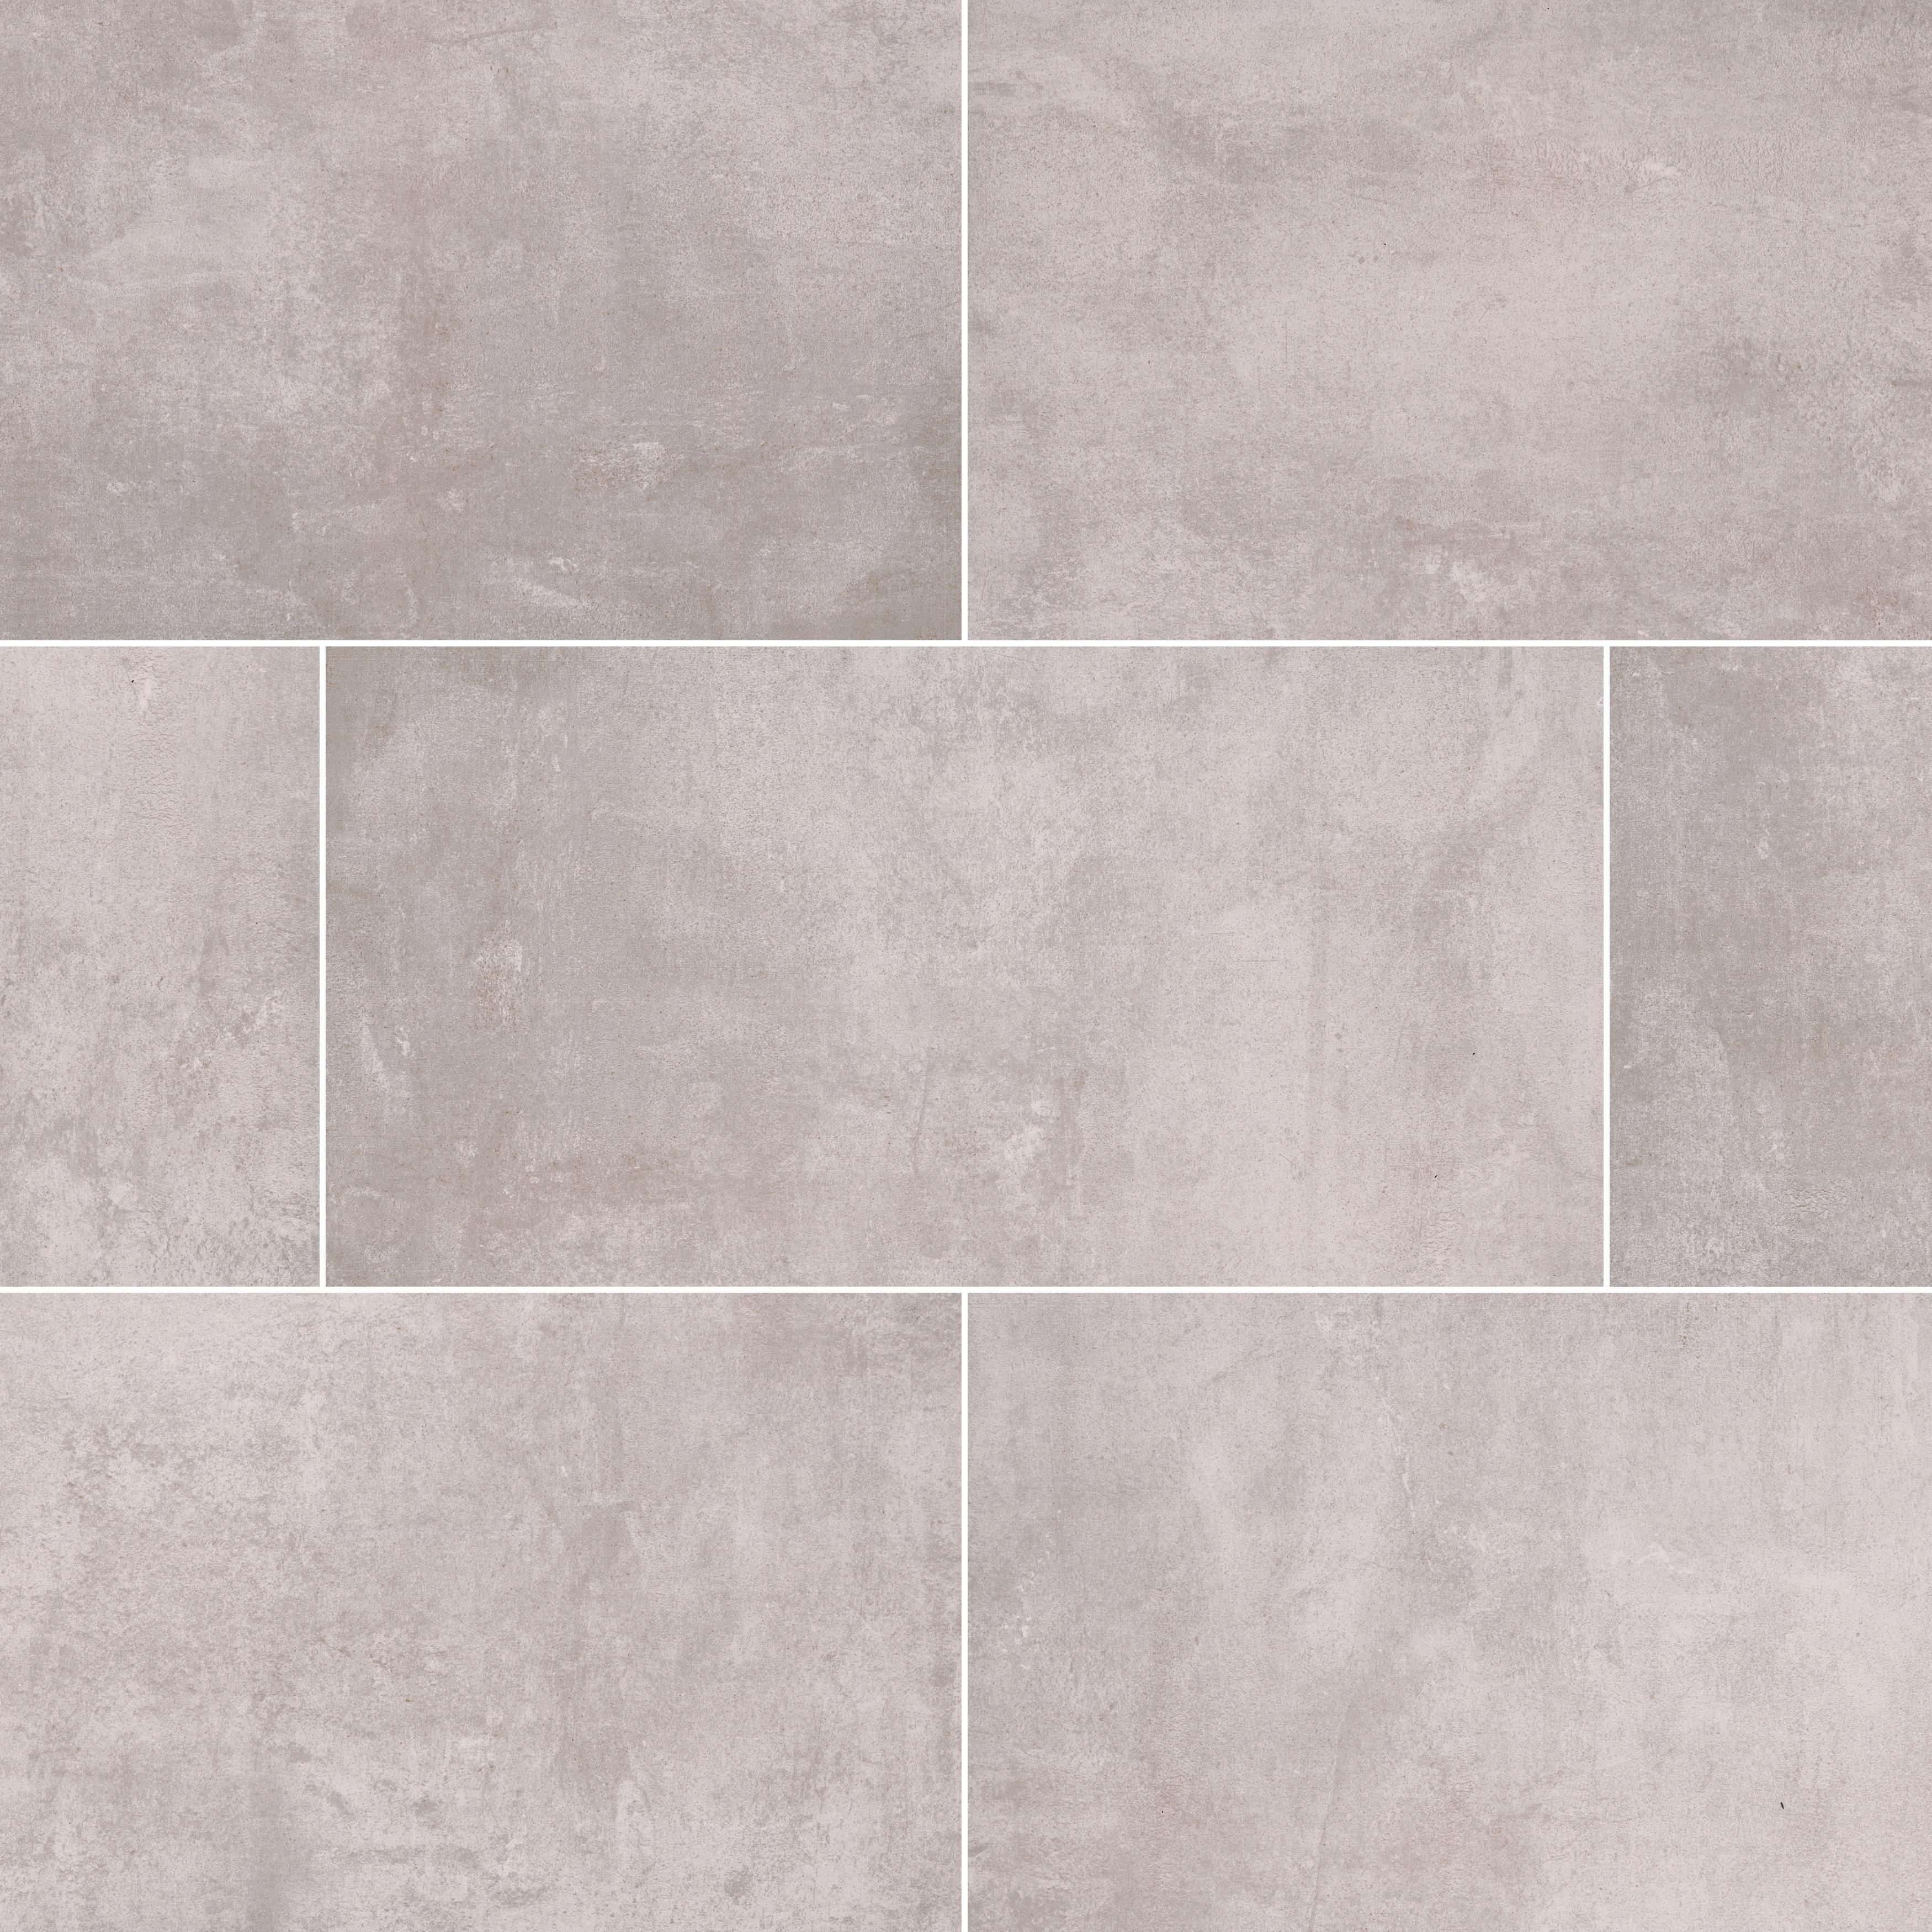 """Anchor Grey / 16""""x32"""" / Matte Porcelain Tile Pavers - Pozzolana Series 0"""